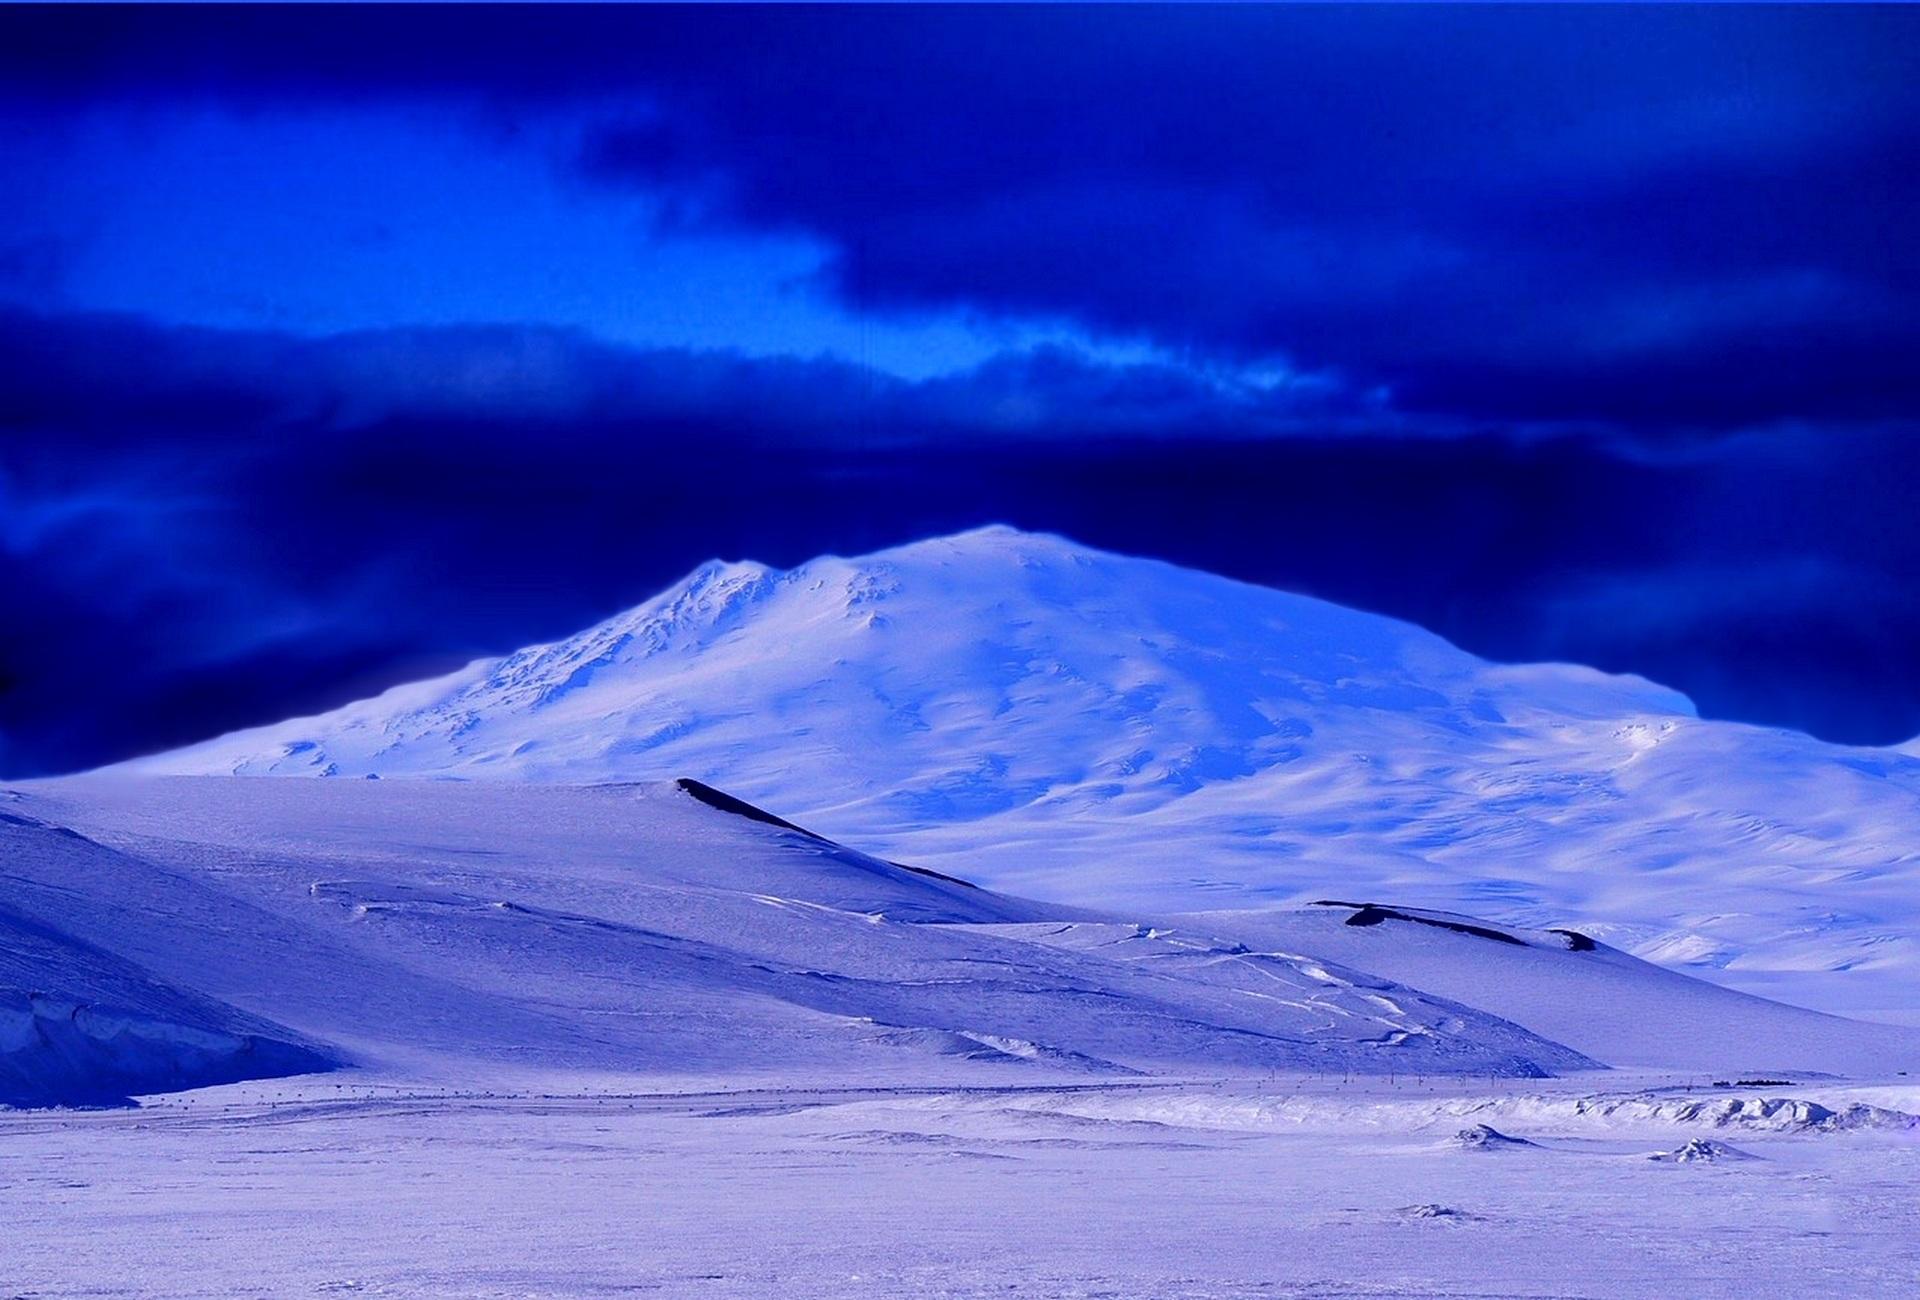 Gambar Pemandangan Salju Awan Langit Gelombang Pegunungan